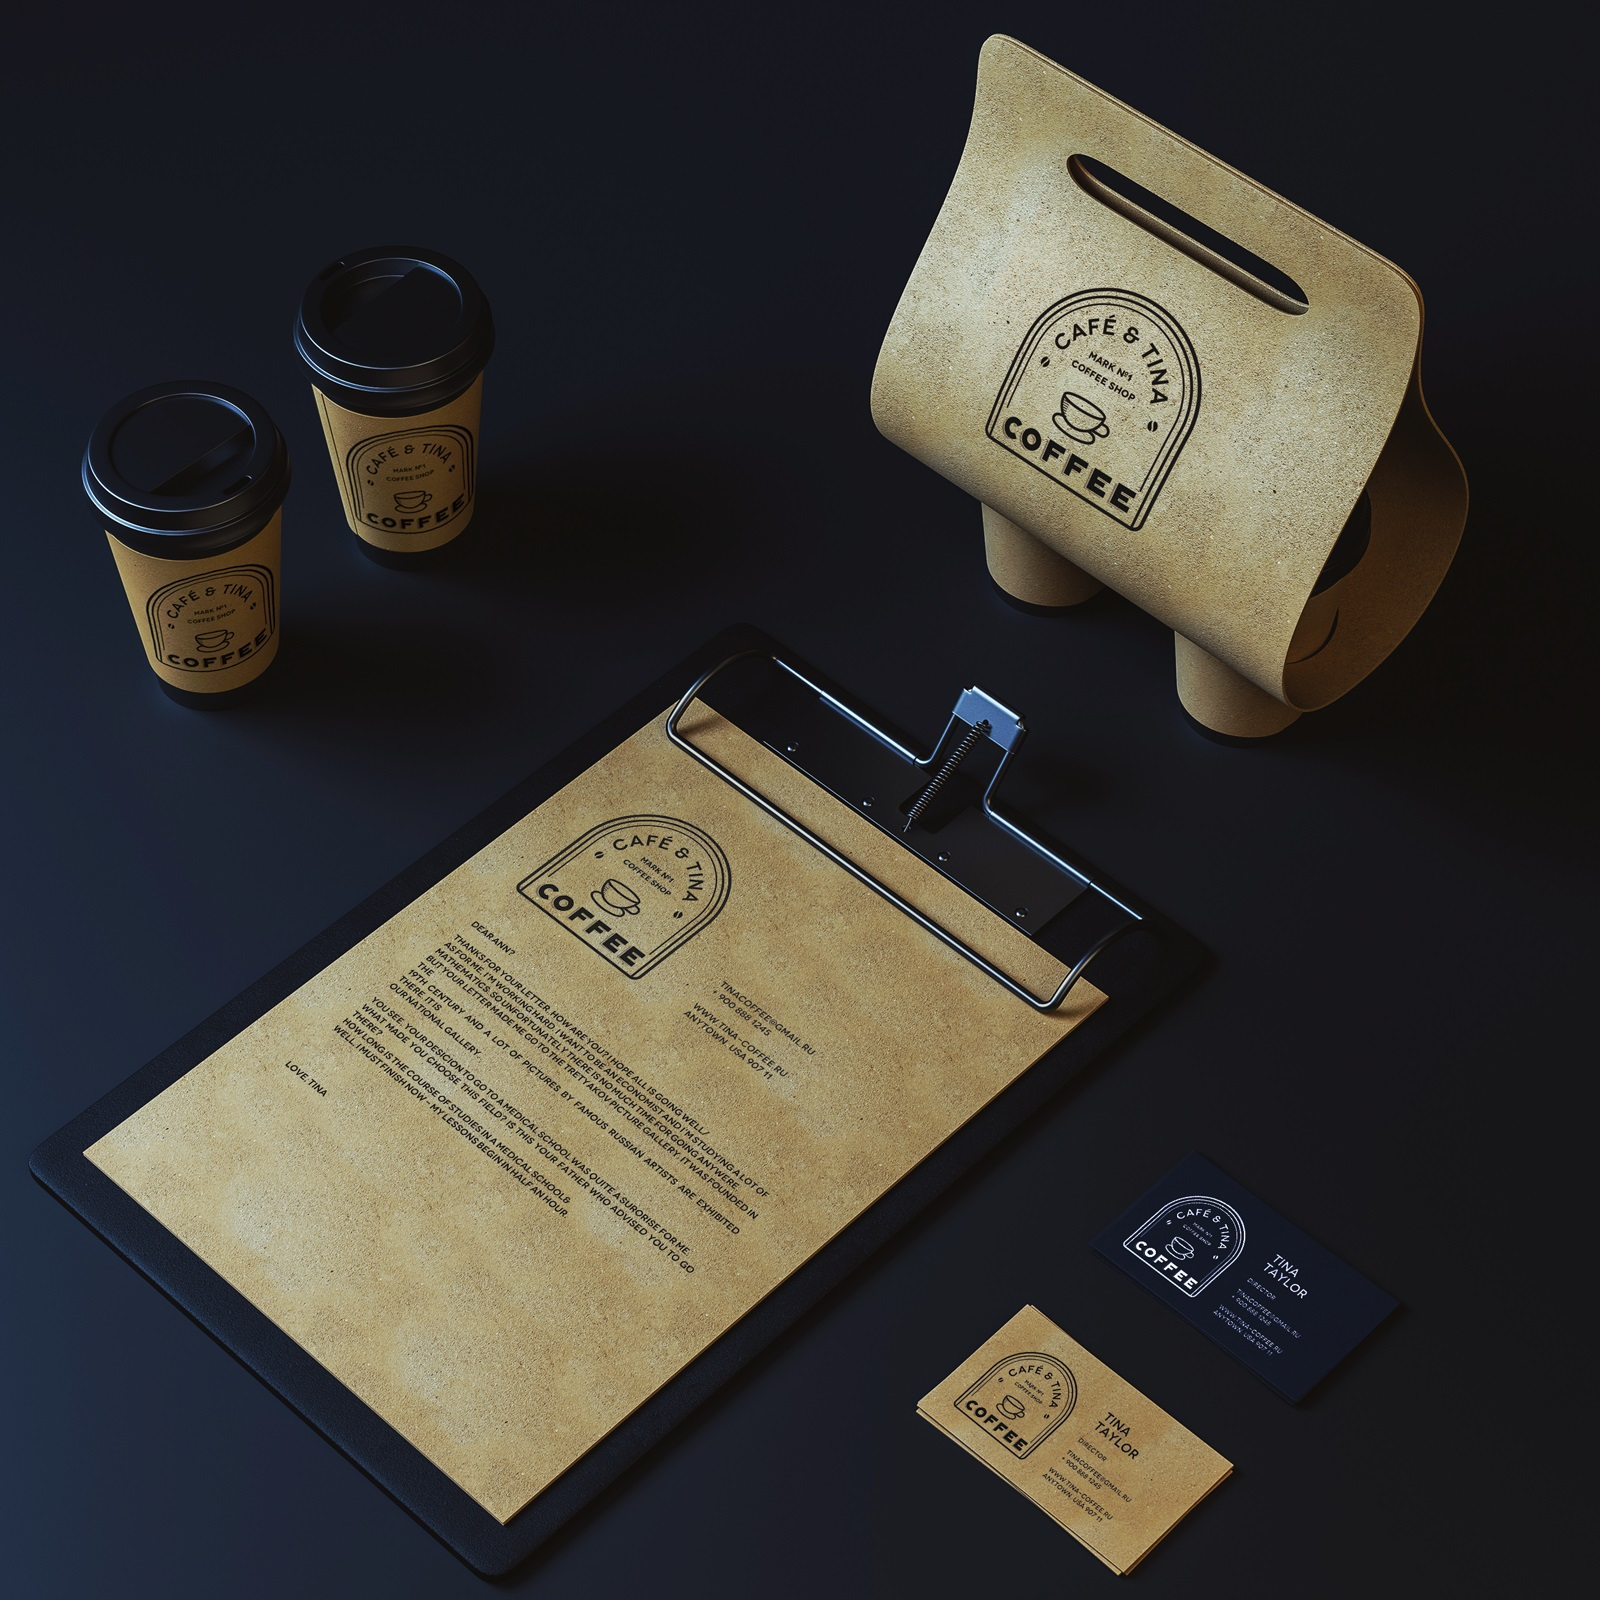 Cafe&tina_visual-2